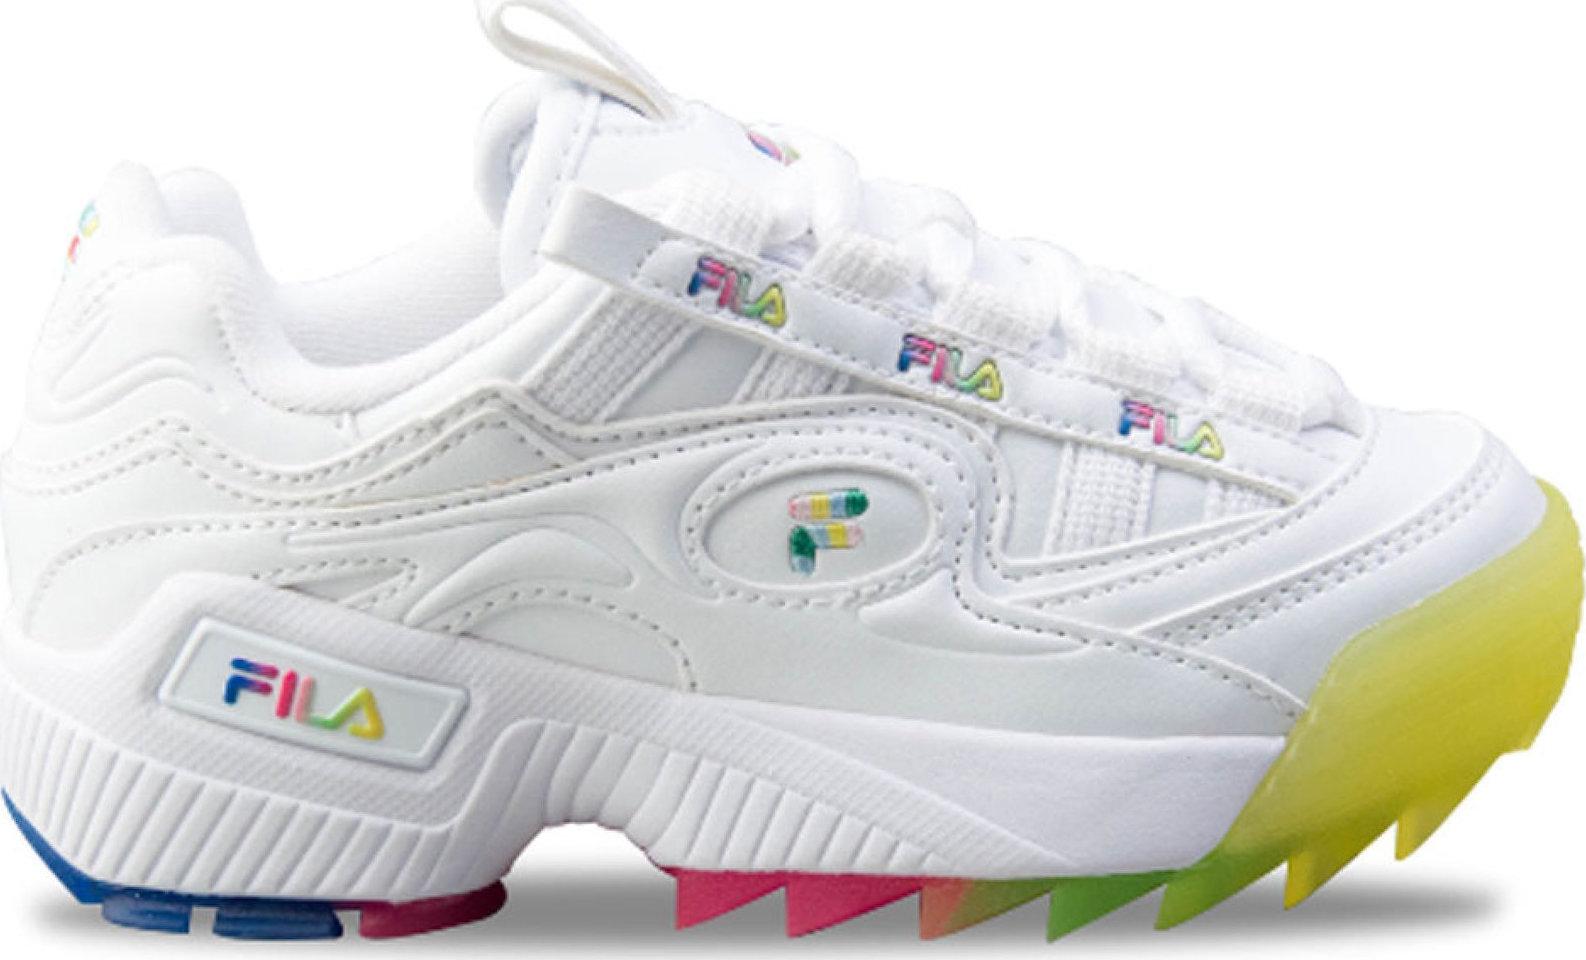 Αθλητικά Παιδικά Παπούτσια Fila Λευκά Skroutz.gr